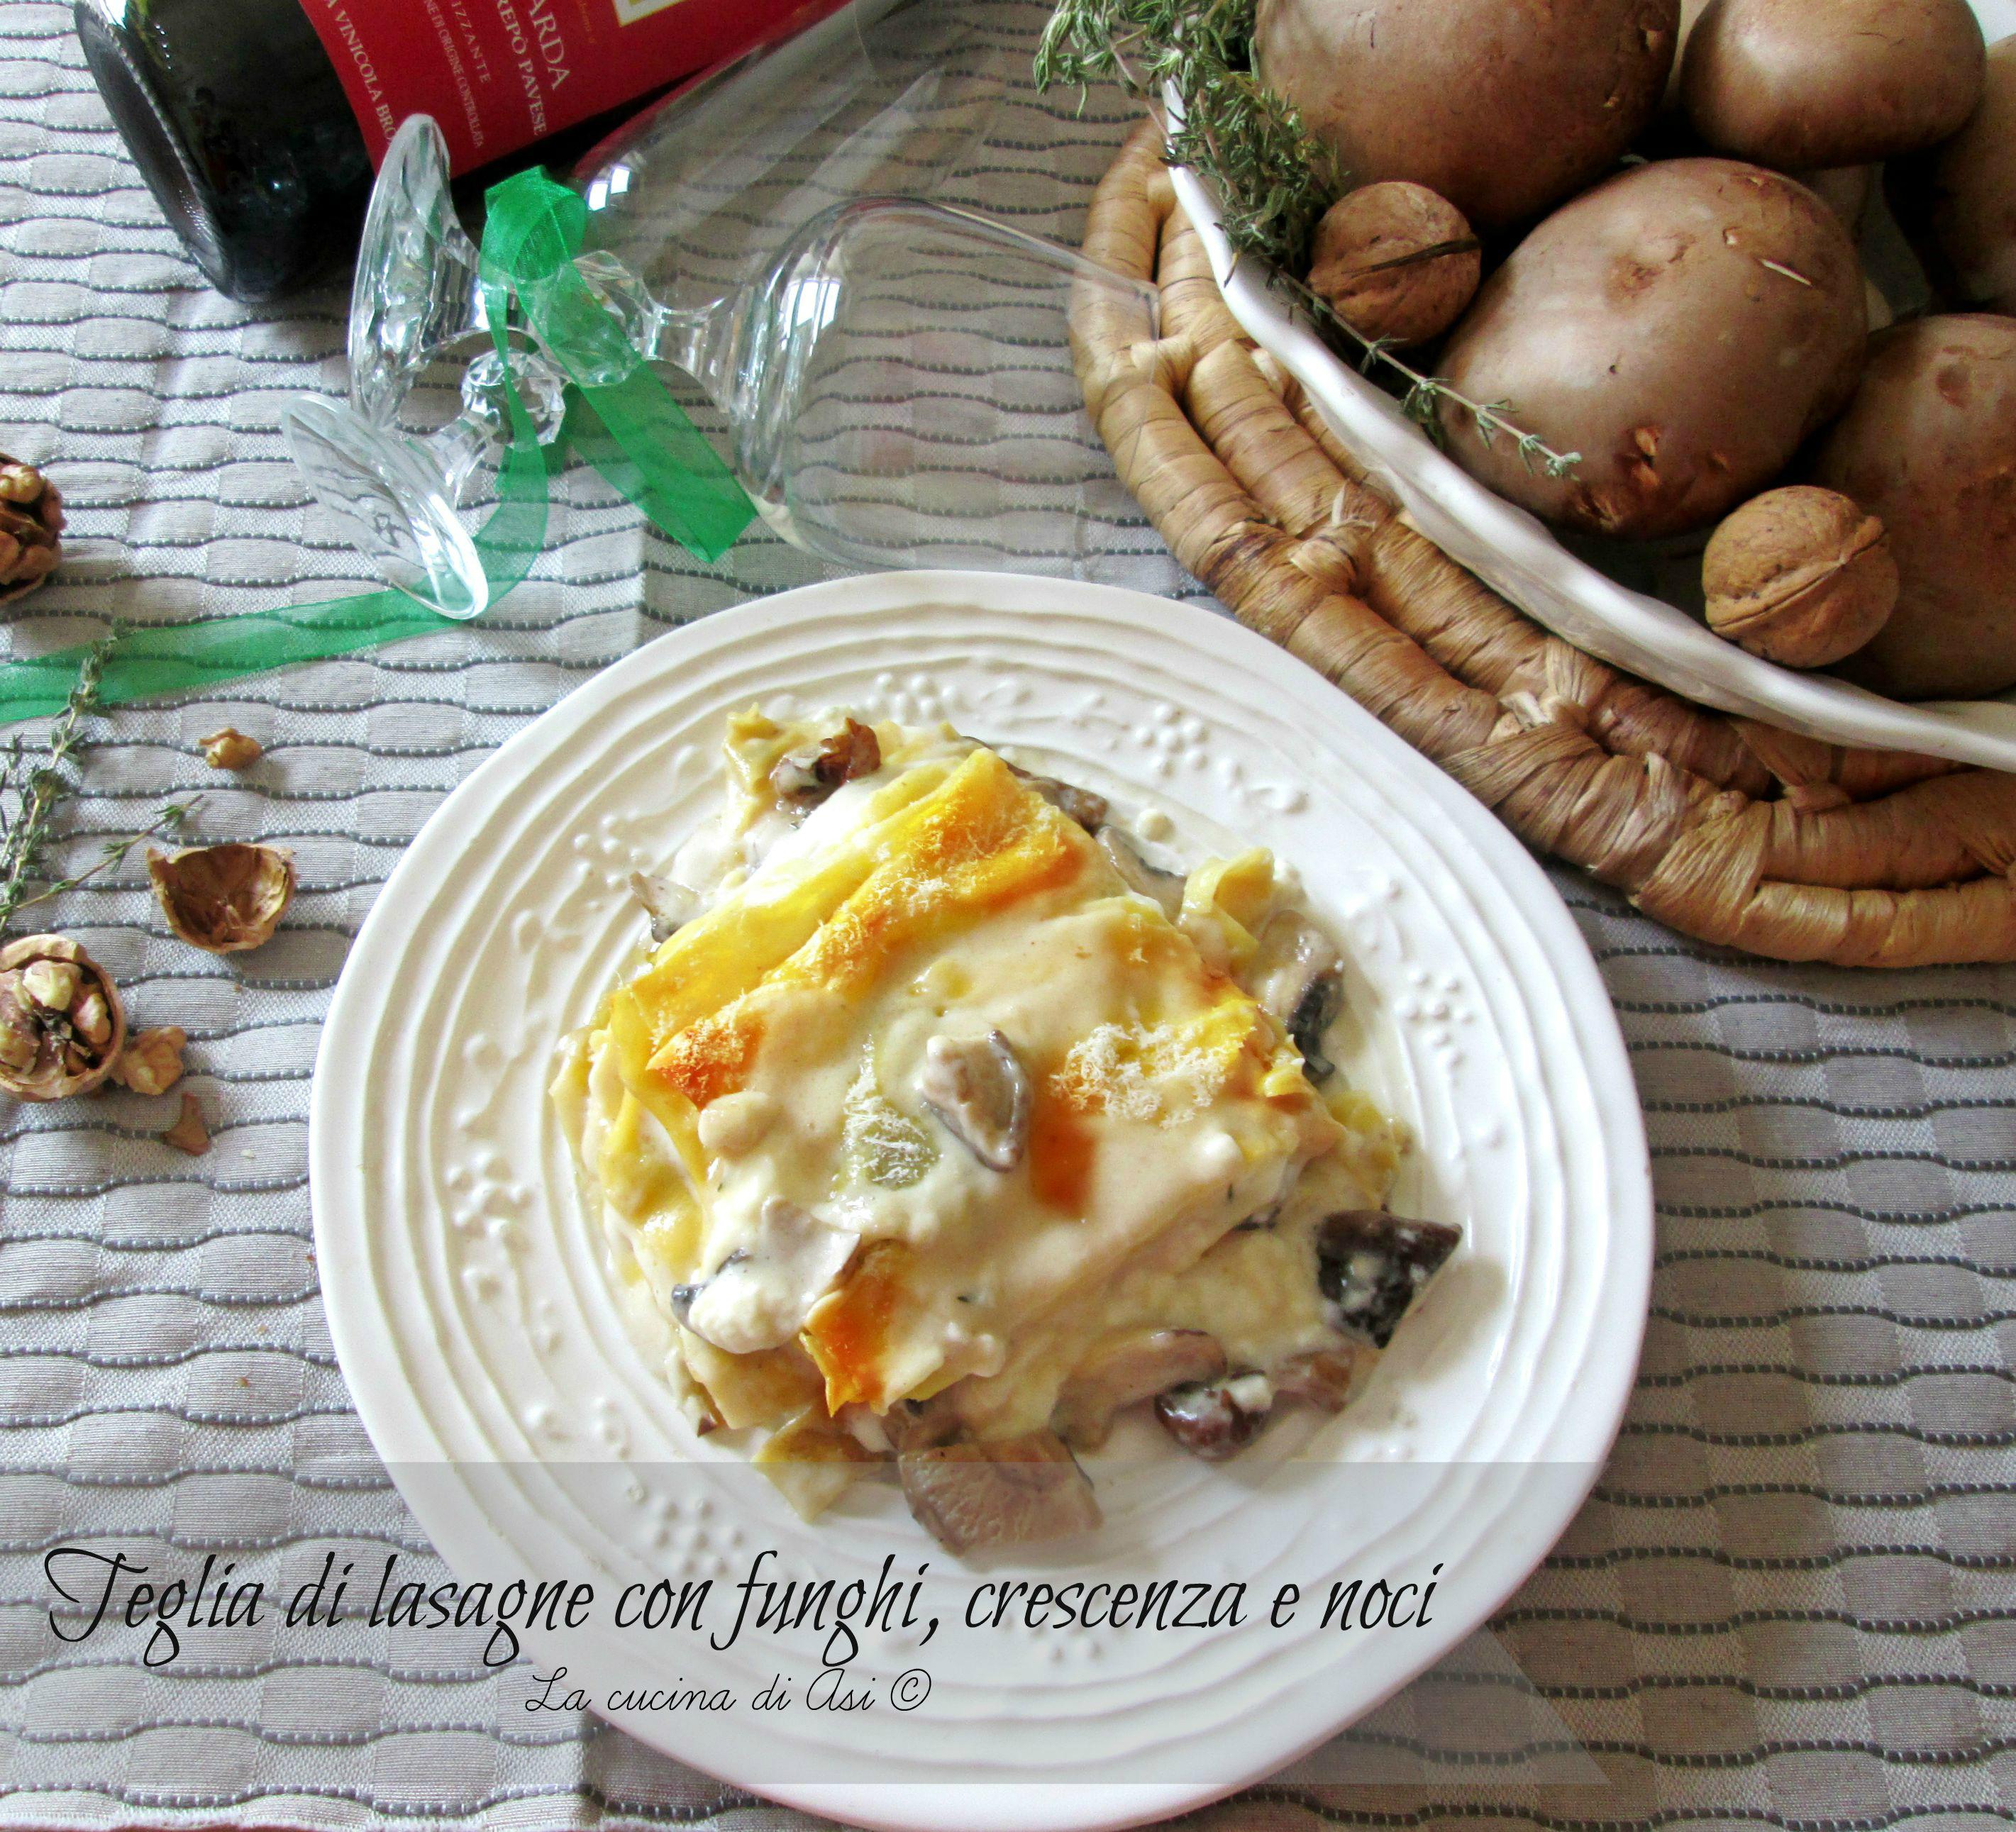 teglia di lasagne funghi crescenza La cucina di ASI ©